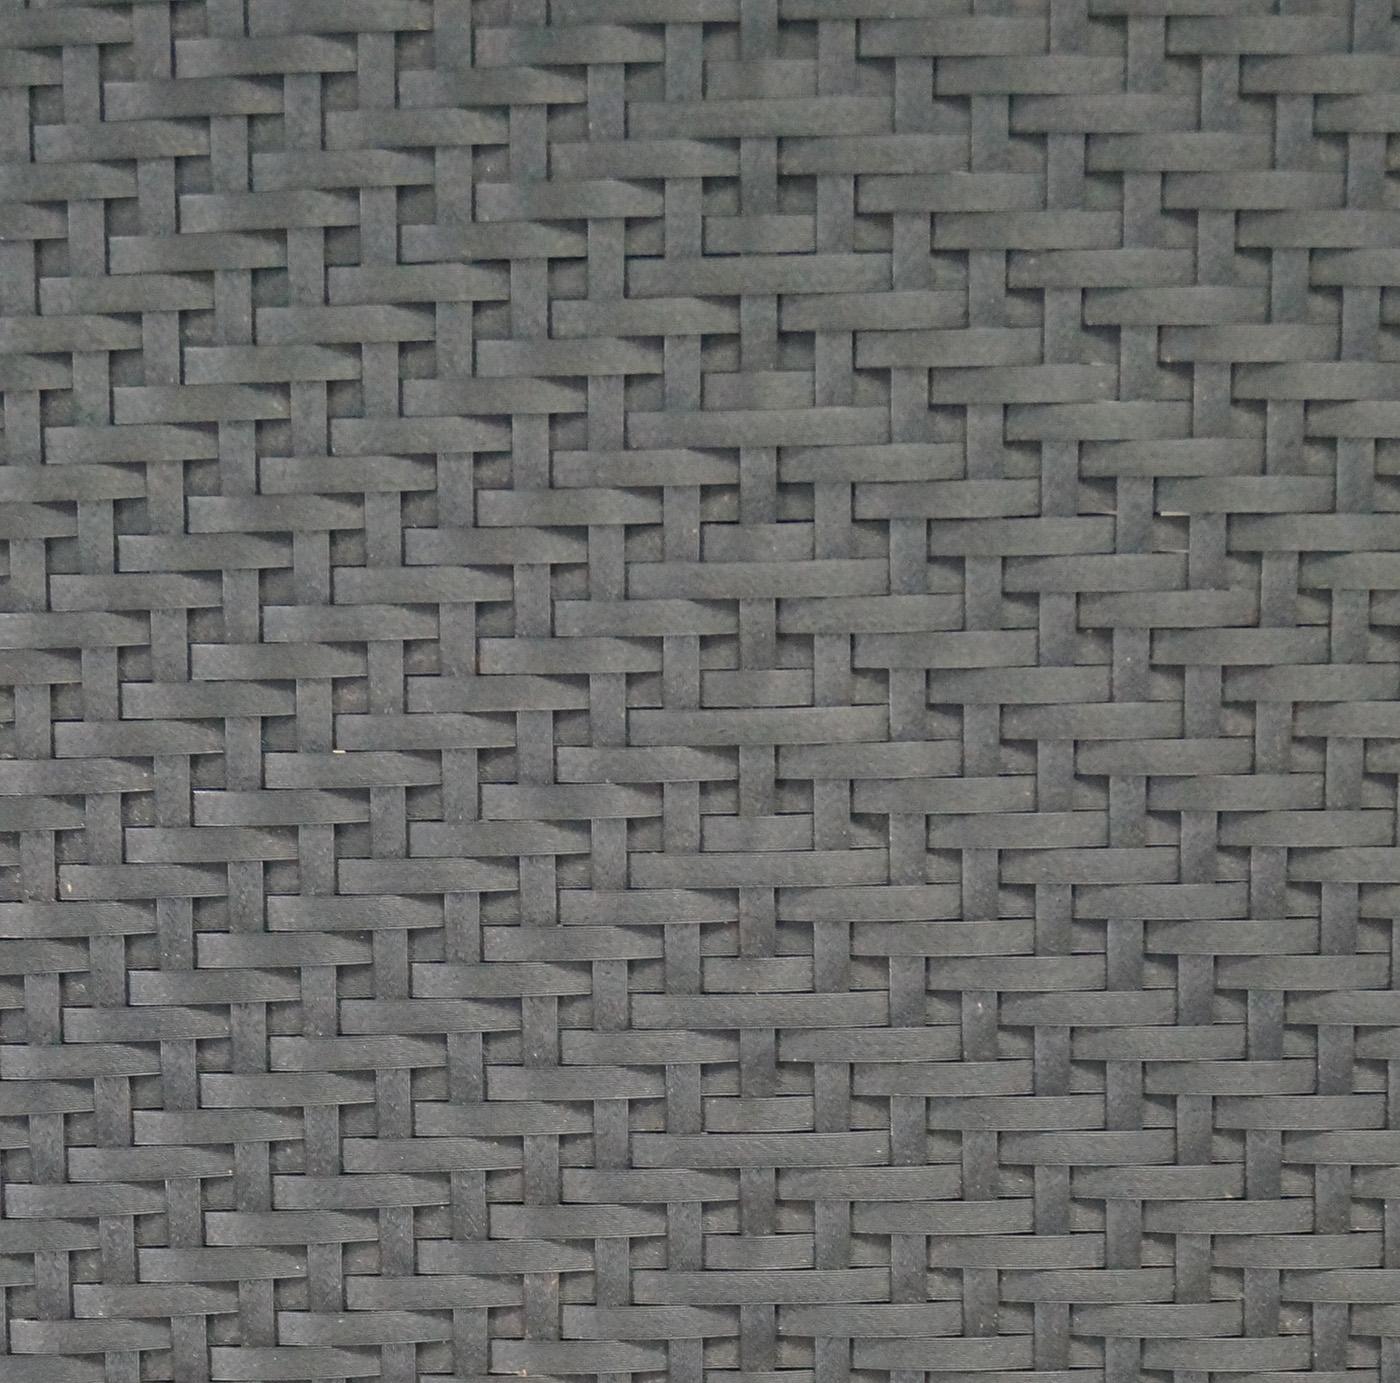 gartensessel gartenstuhl klappsessel vienna rattan schwarz. Black Bedroom Furniture Sets. Home Design Ideas